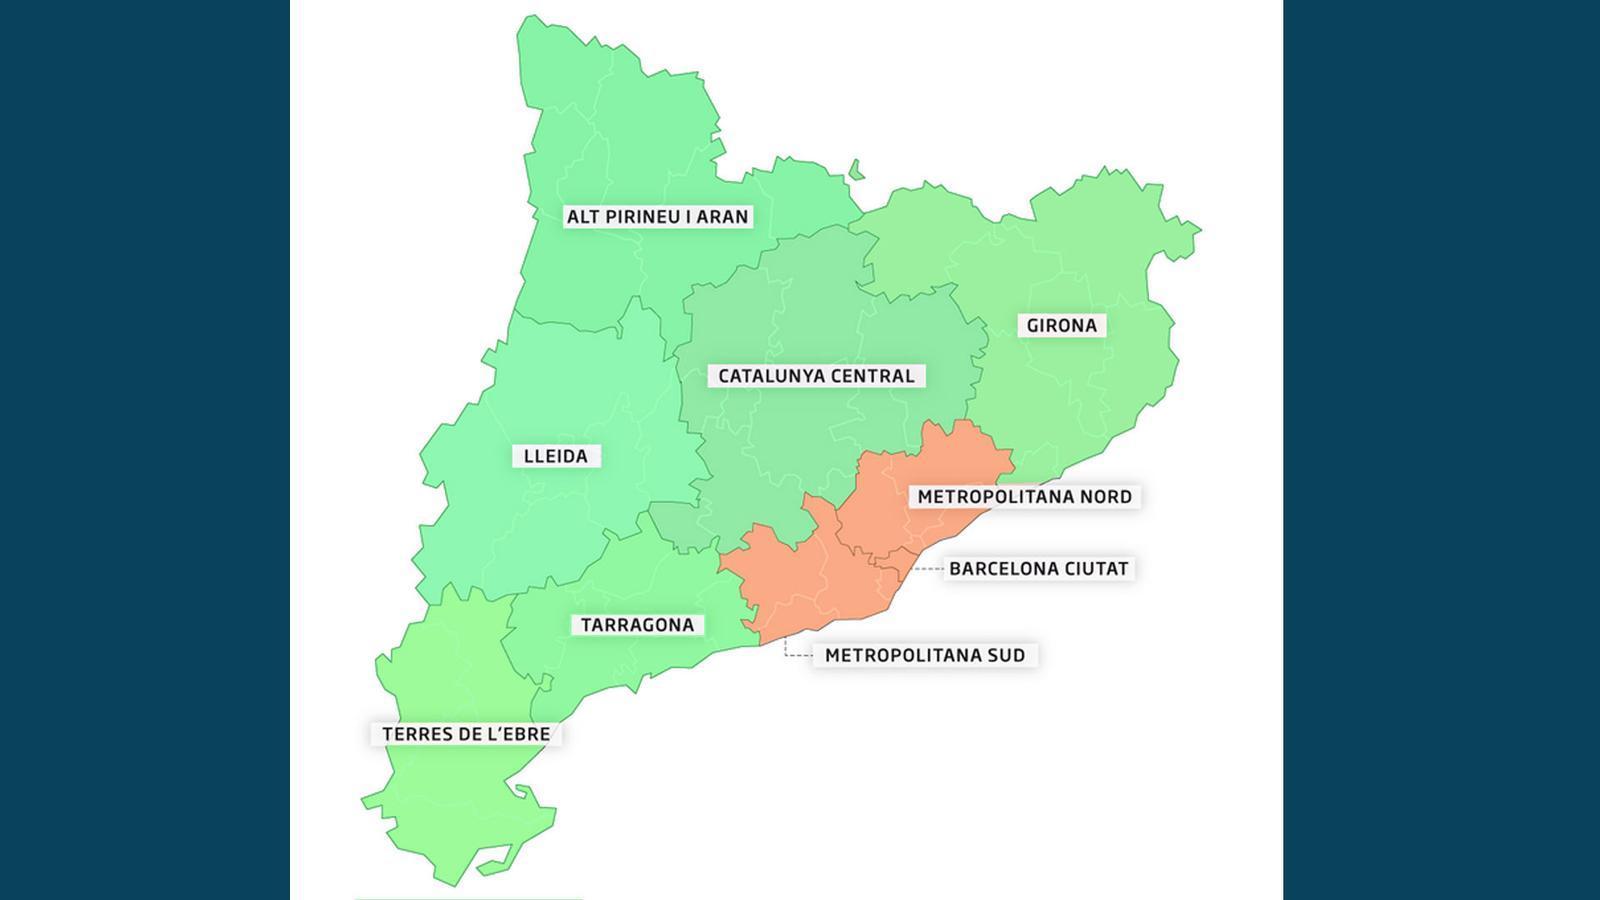 El Govern demana que Lleida, Girona i la Catalunya Central passin a la fase 1 dilluns que ve. Barcelona no se sap quan hi entrarà: les claus del vespre, amb Antoni Bassas (13/05/2020)